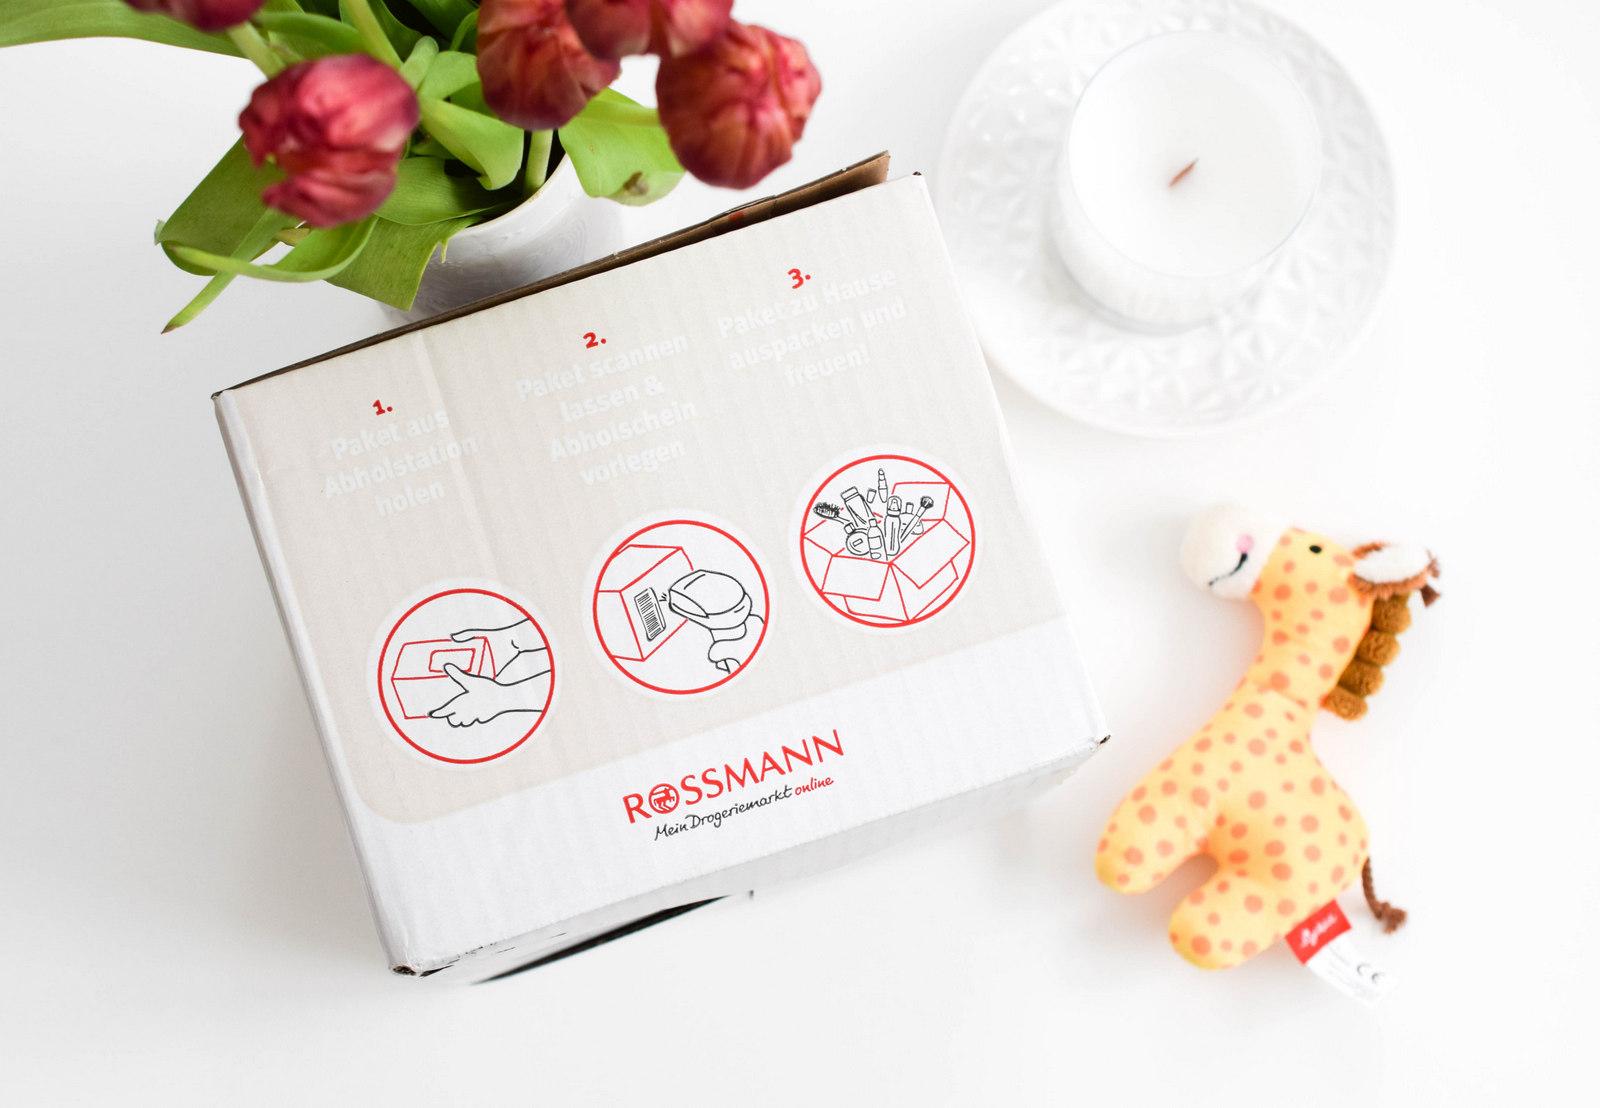 Rossmann Online Shop: Das Filial Spezial Angebot für Eltern von kleinen Kindern und Babys im Test.